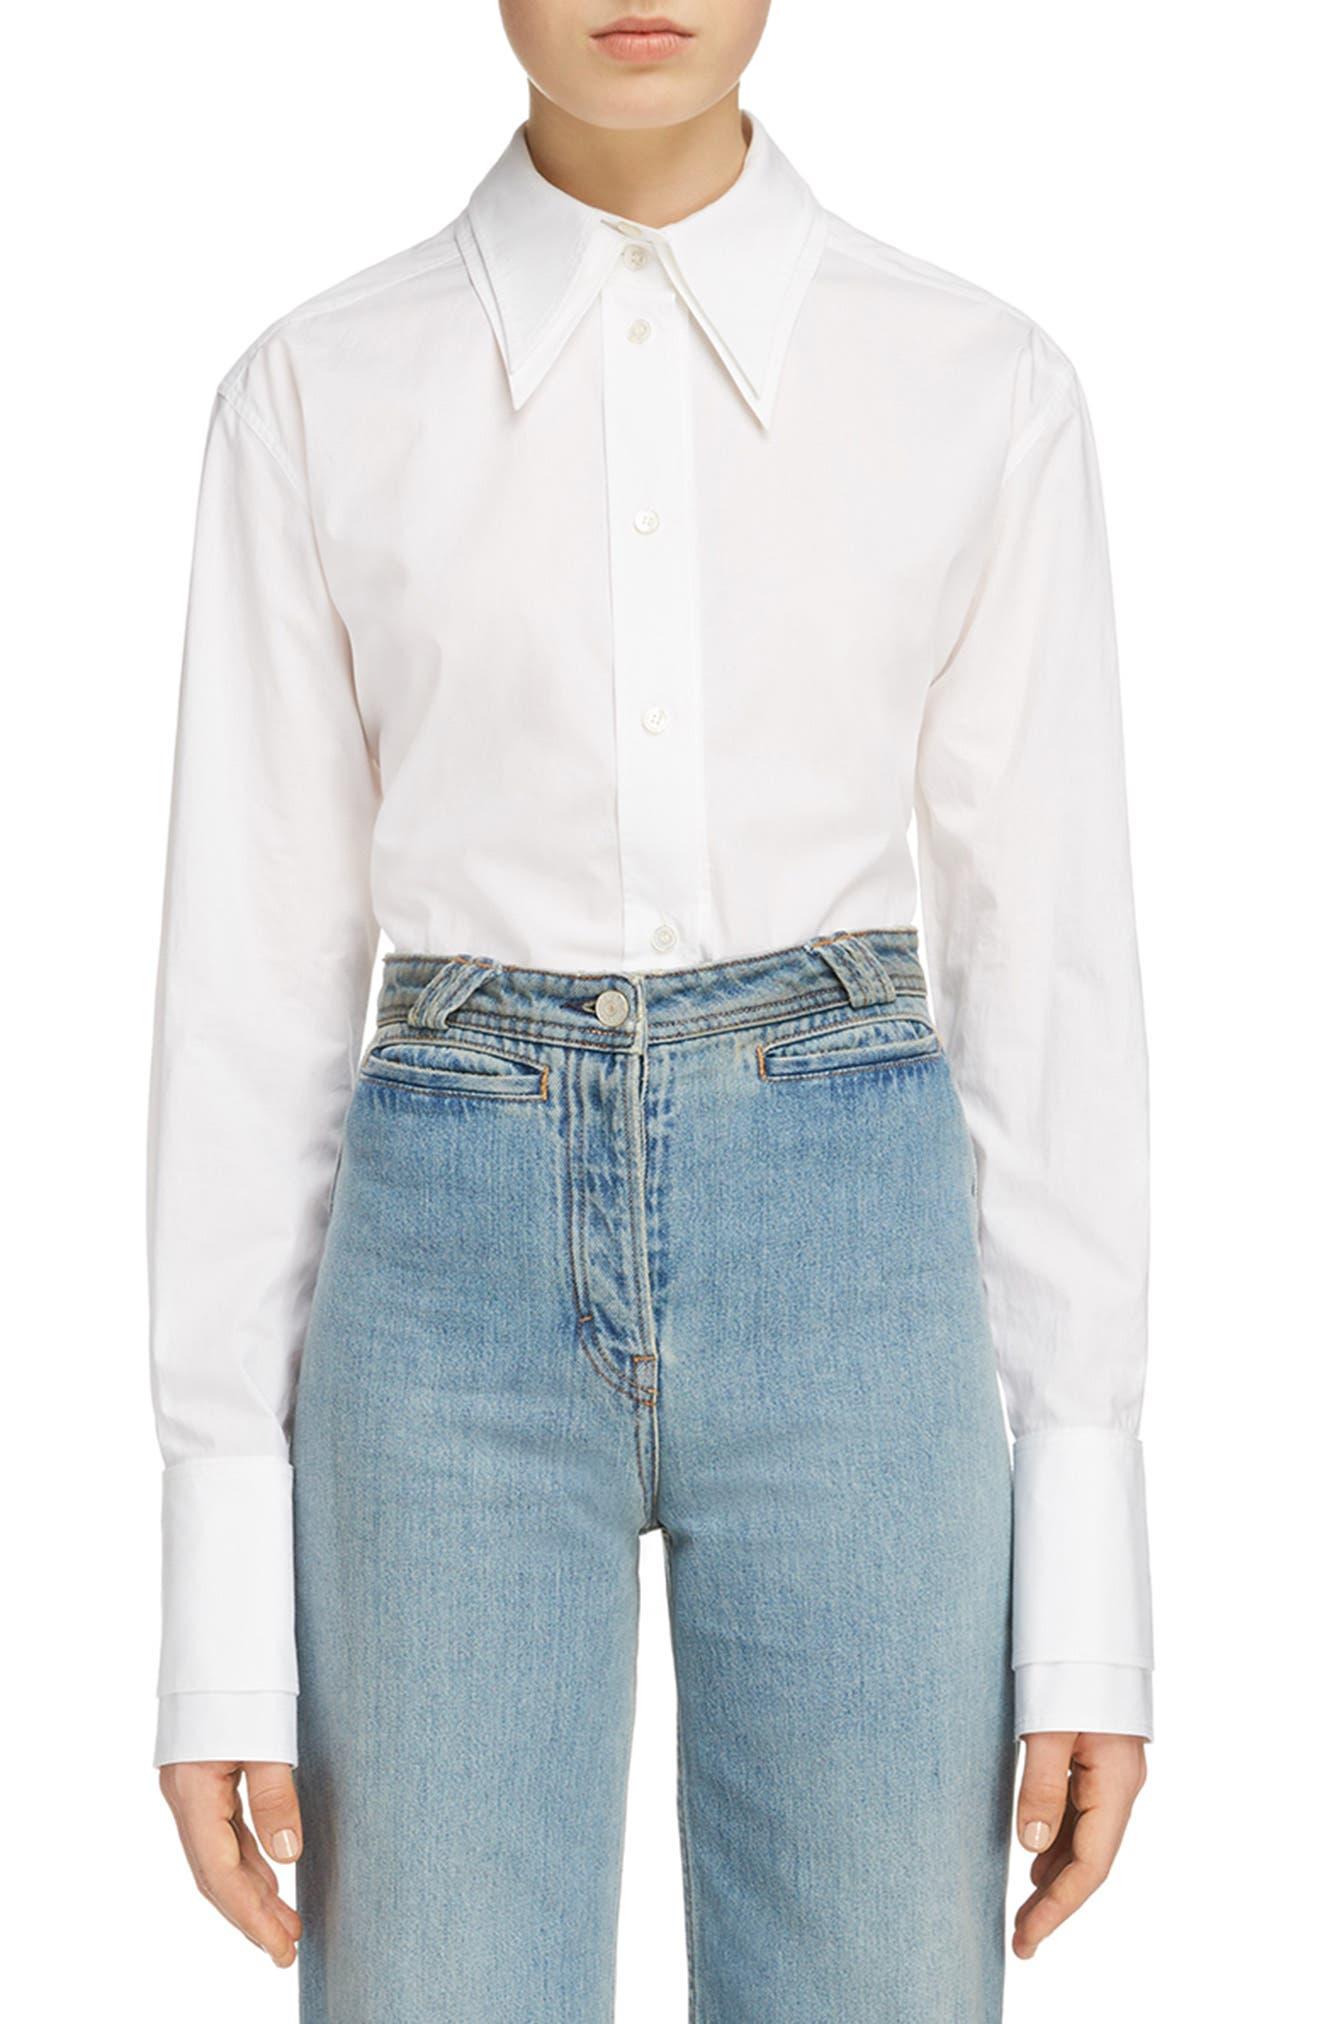 Roline Shirt,                         Main,                         color, White